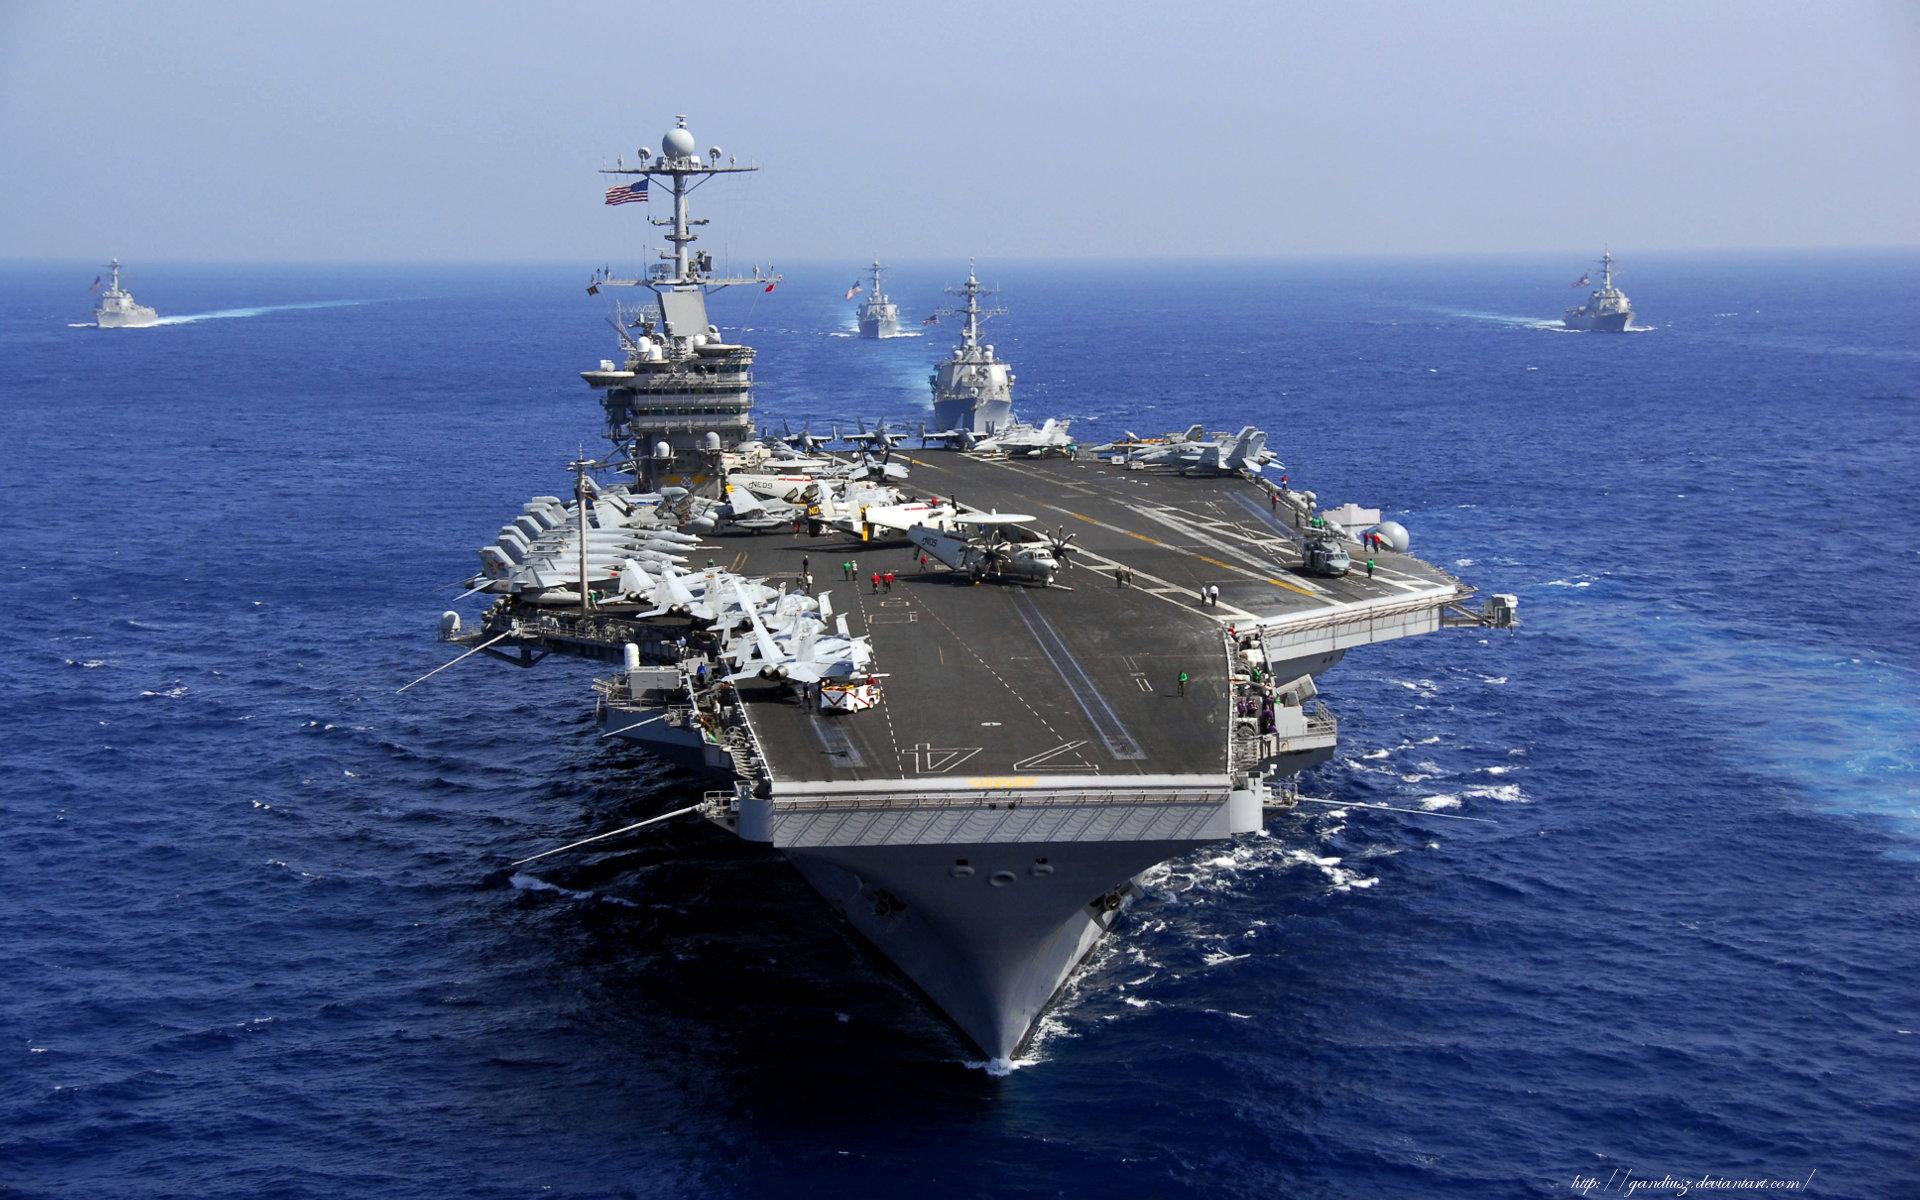 Ngày 19/1/2016, Hải quân Mỹ đang triển khai tàu sân bay USS John C Stennis tới khu vực Tây Thái Bình Dương